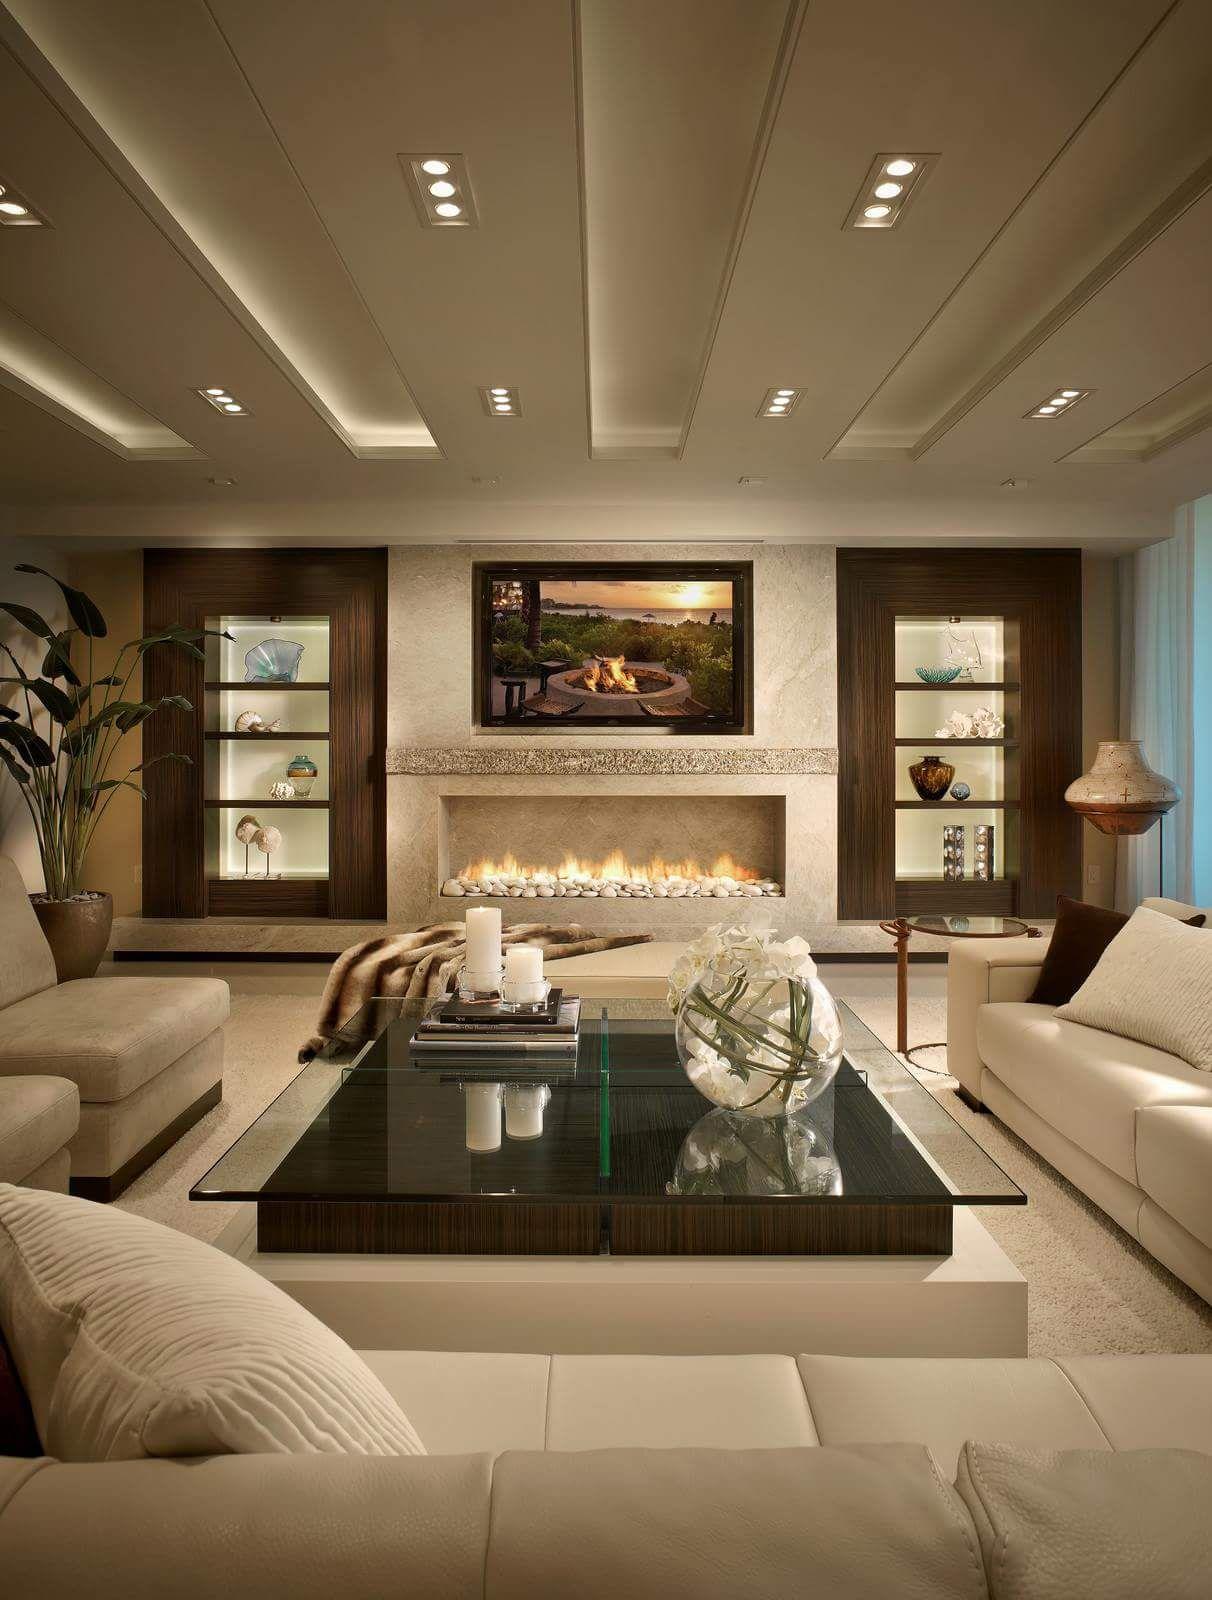 Interieur Wohnzimmer Bilder Werden Geschrieben/hochgeladen Von DekoDe Von  Quellen Bezogen, Die Hoch Qualifiziert Sind Im Bereich Der Gestaltung Von  Häusern ...